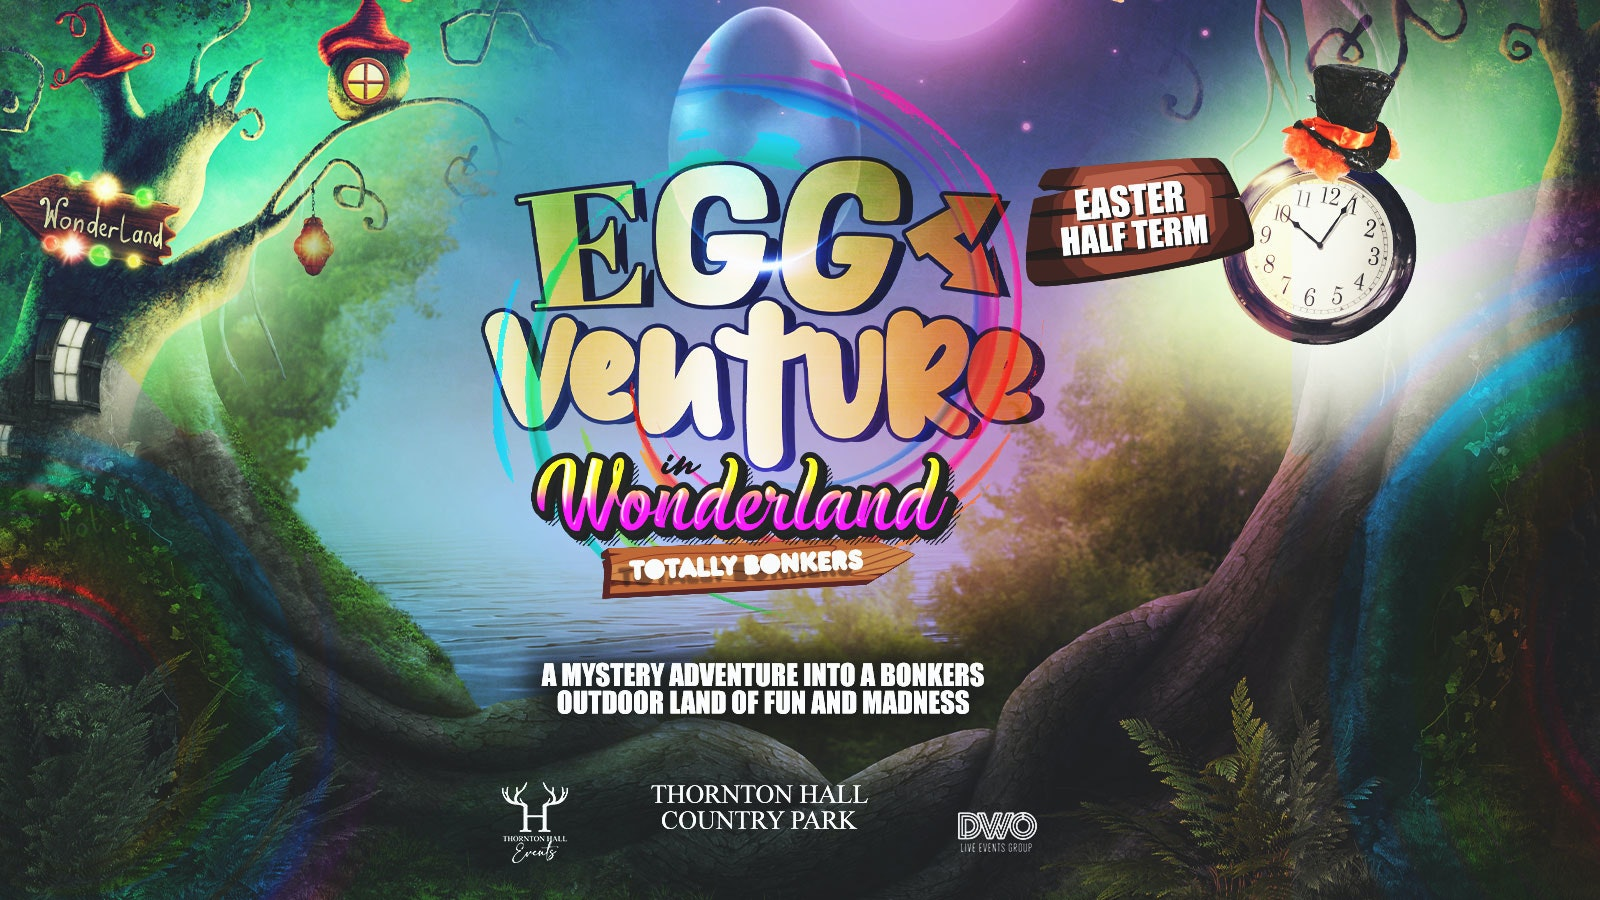 EggVenture in Wonderland –  Saturday 10th April – 11am